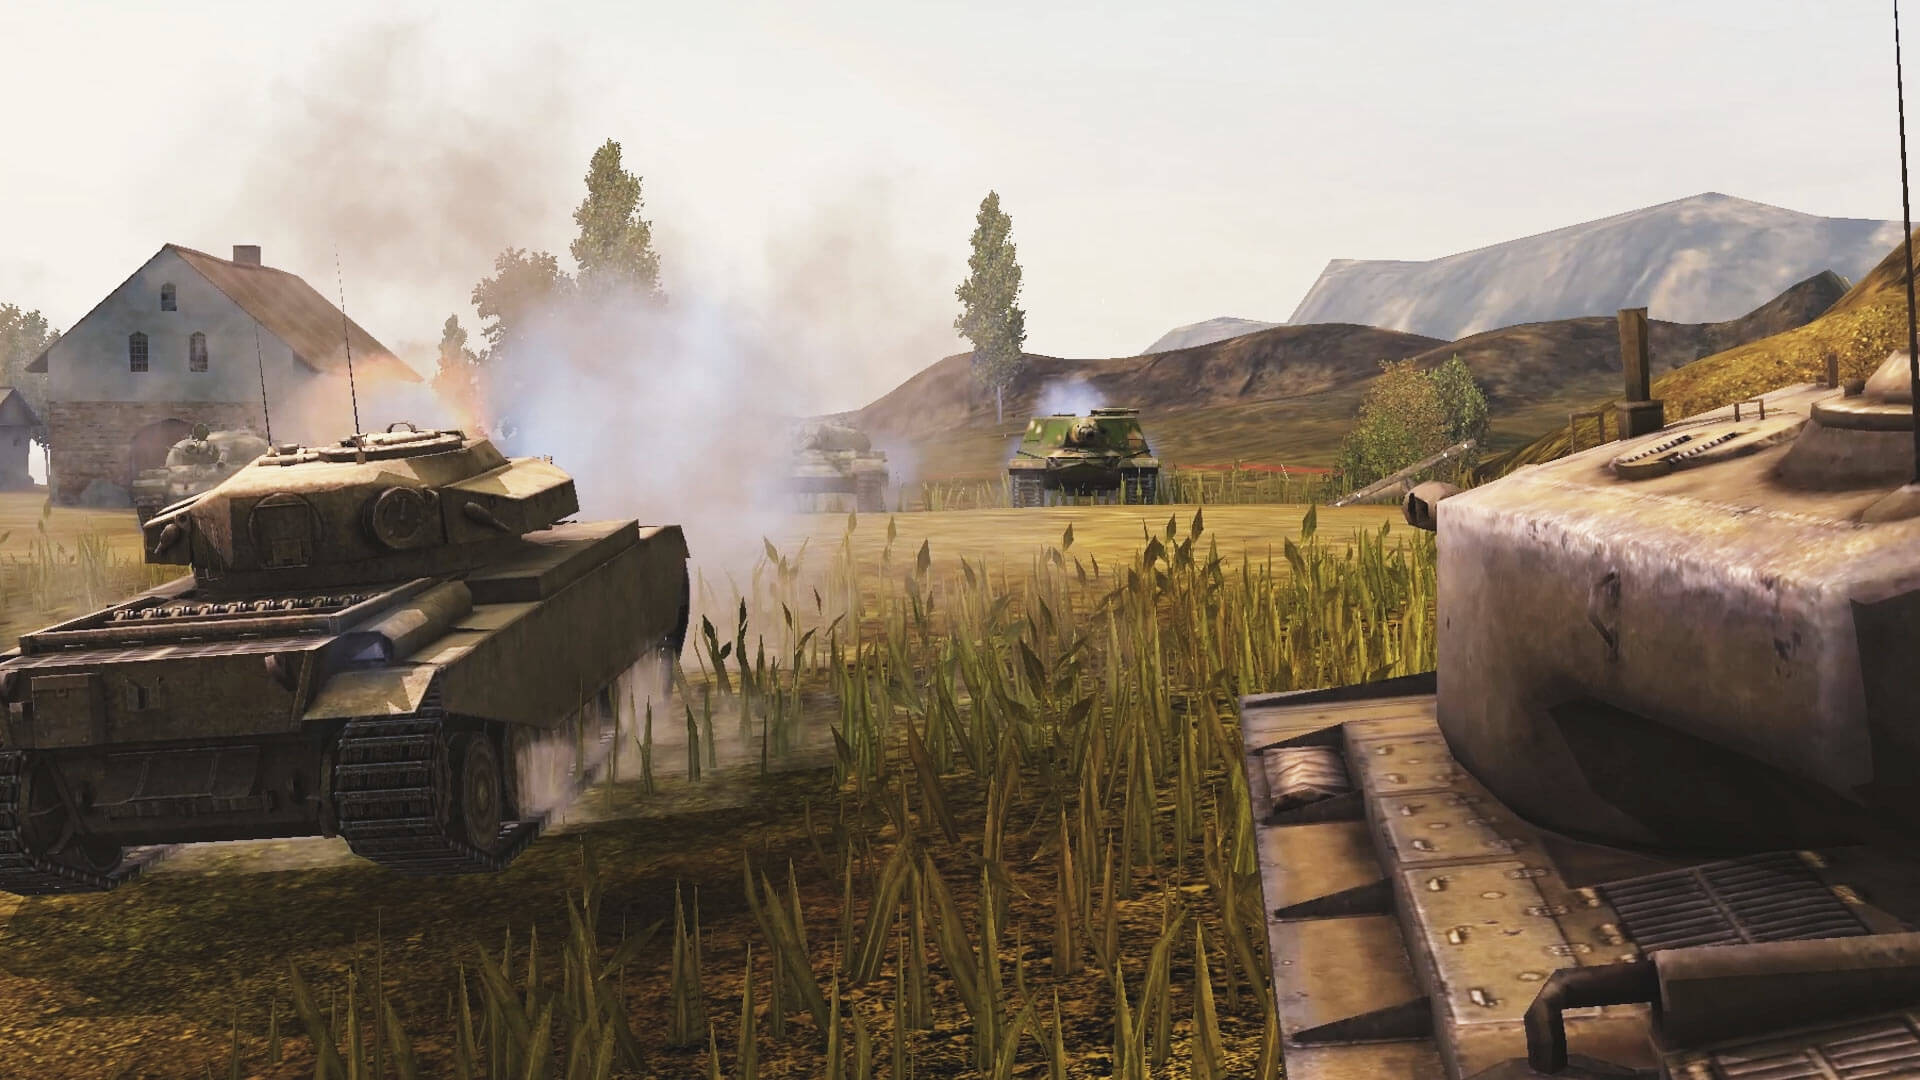 World of tanks blitz купить золото через карту виза ис 6 купить дёшево мир танков